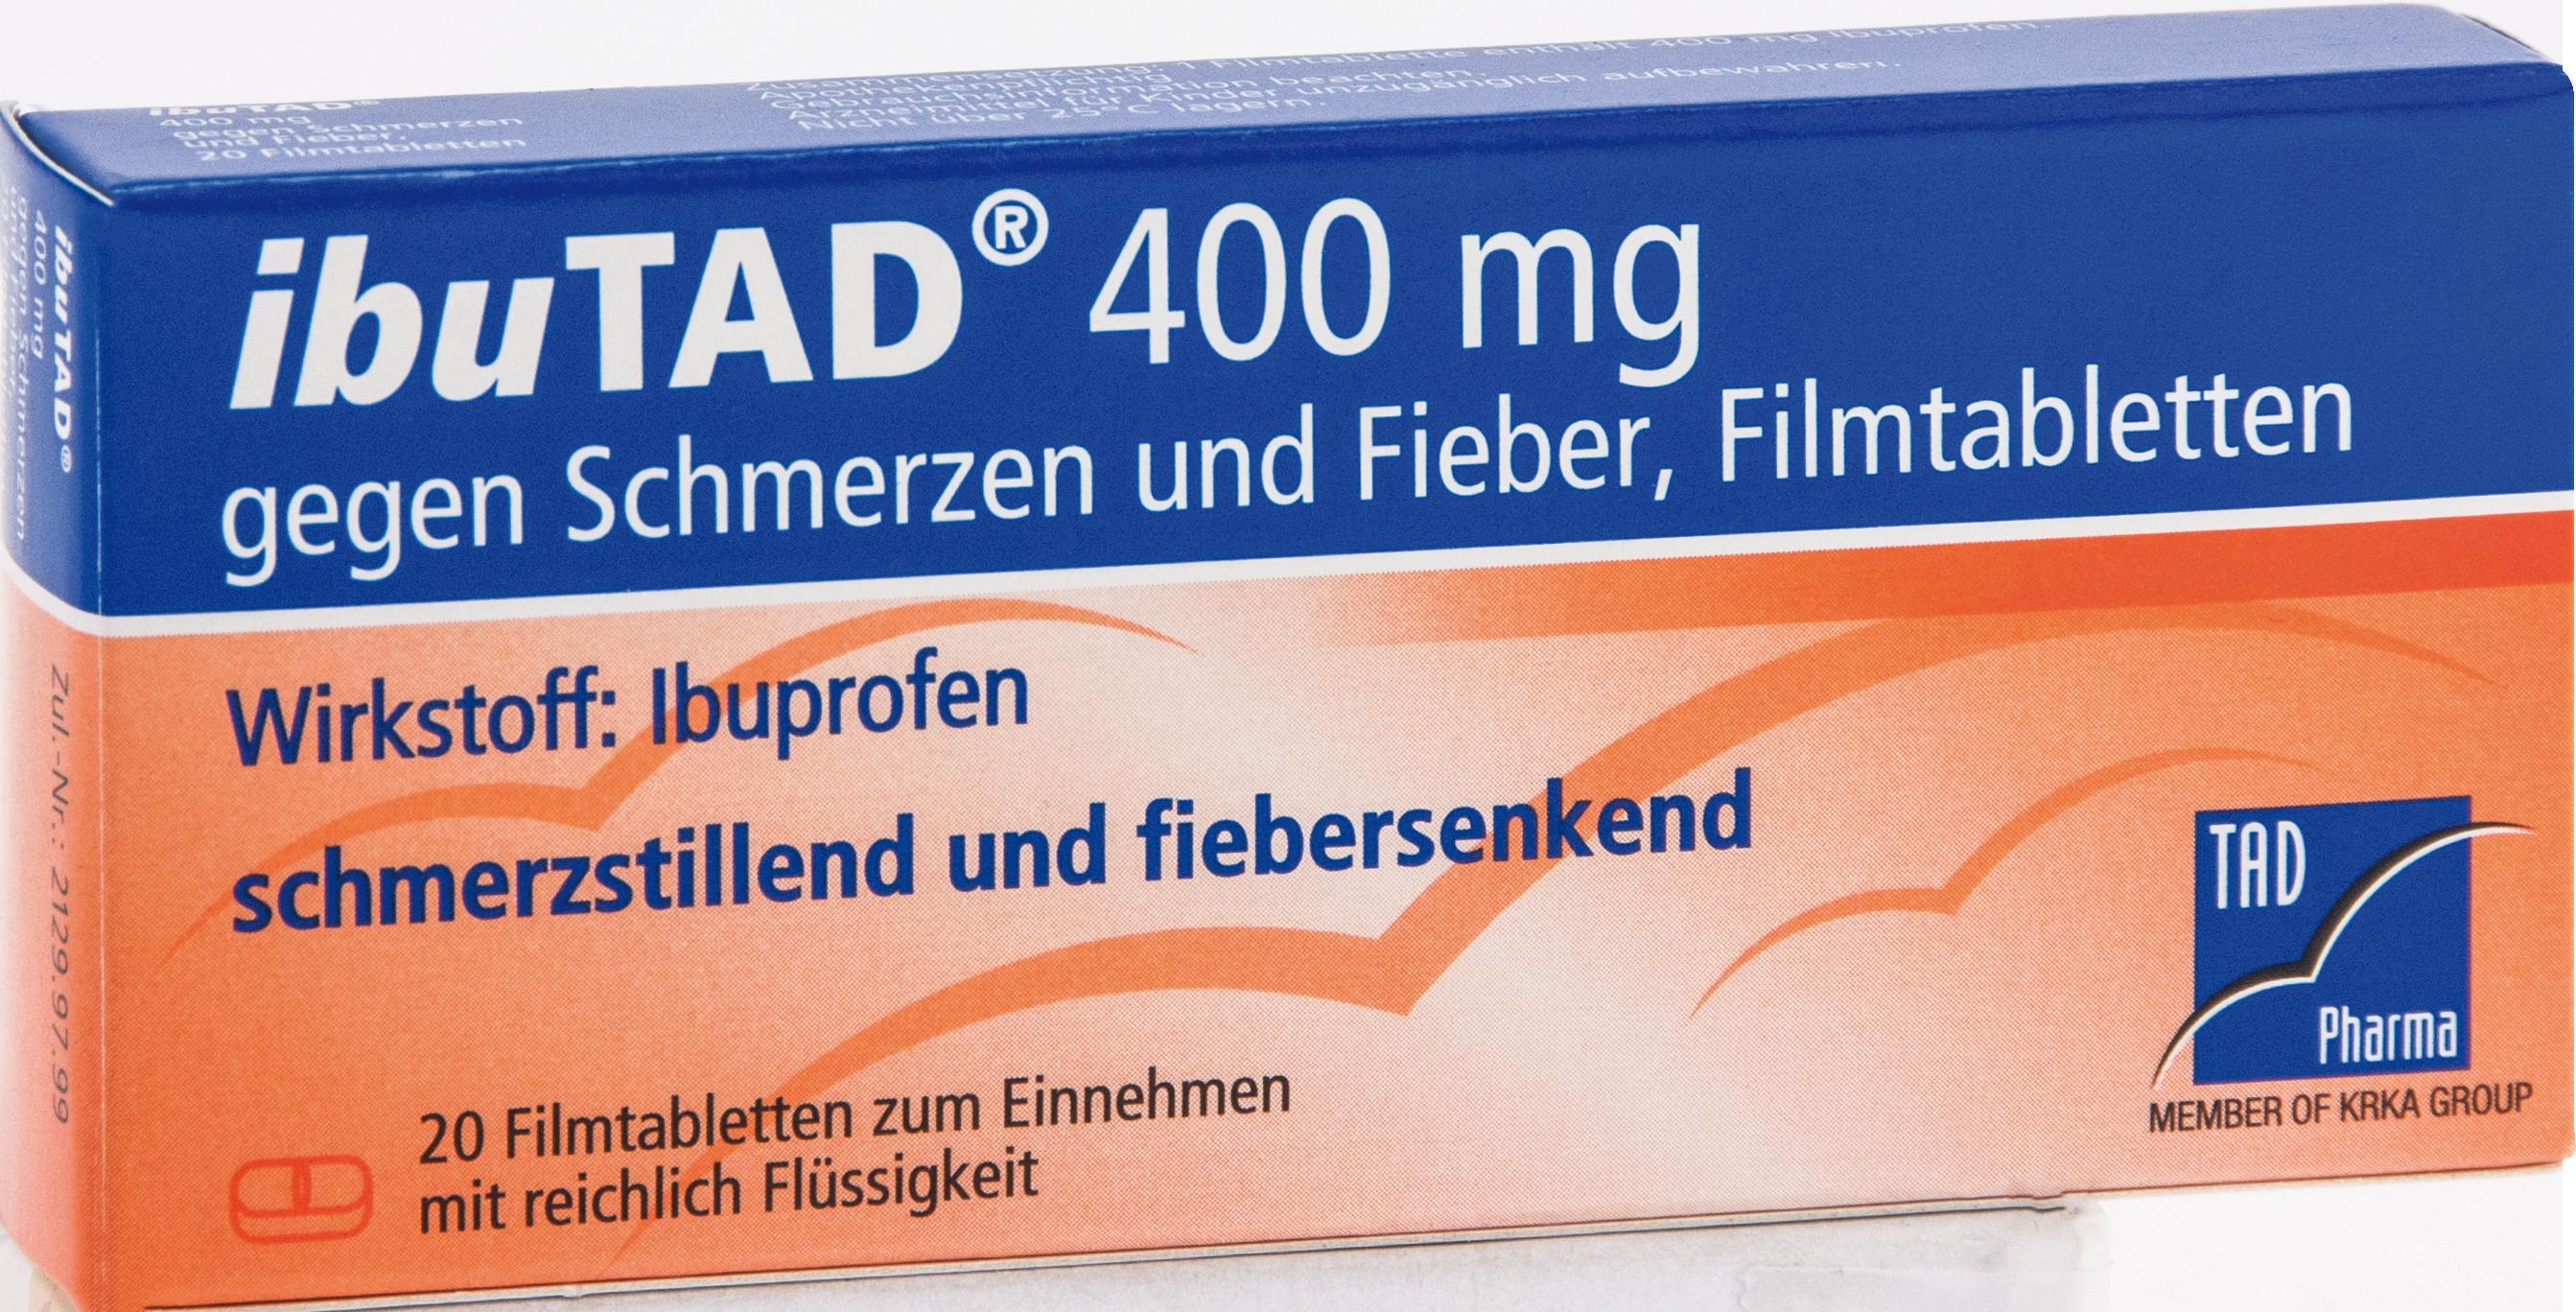 ibuTAD 400mg gegen Schmerzen und Fieber Filmtabl.